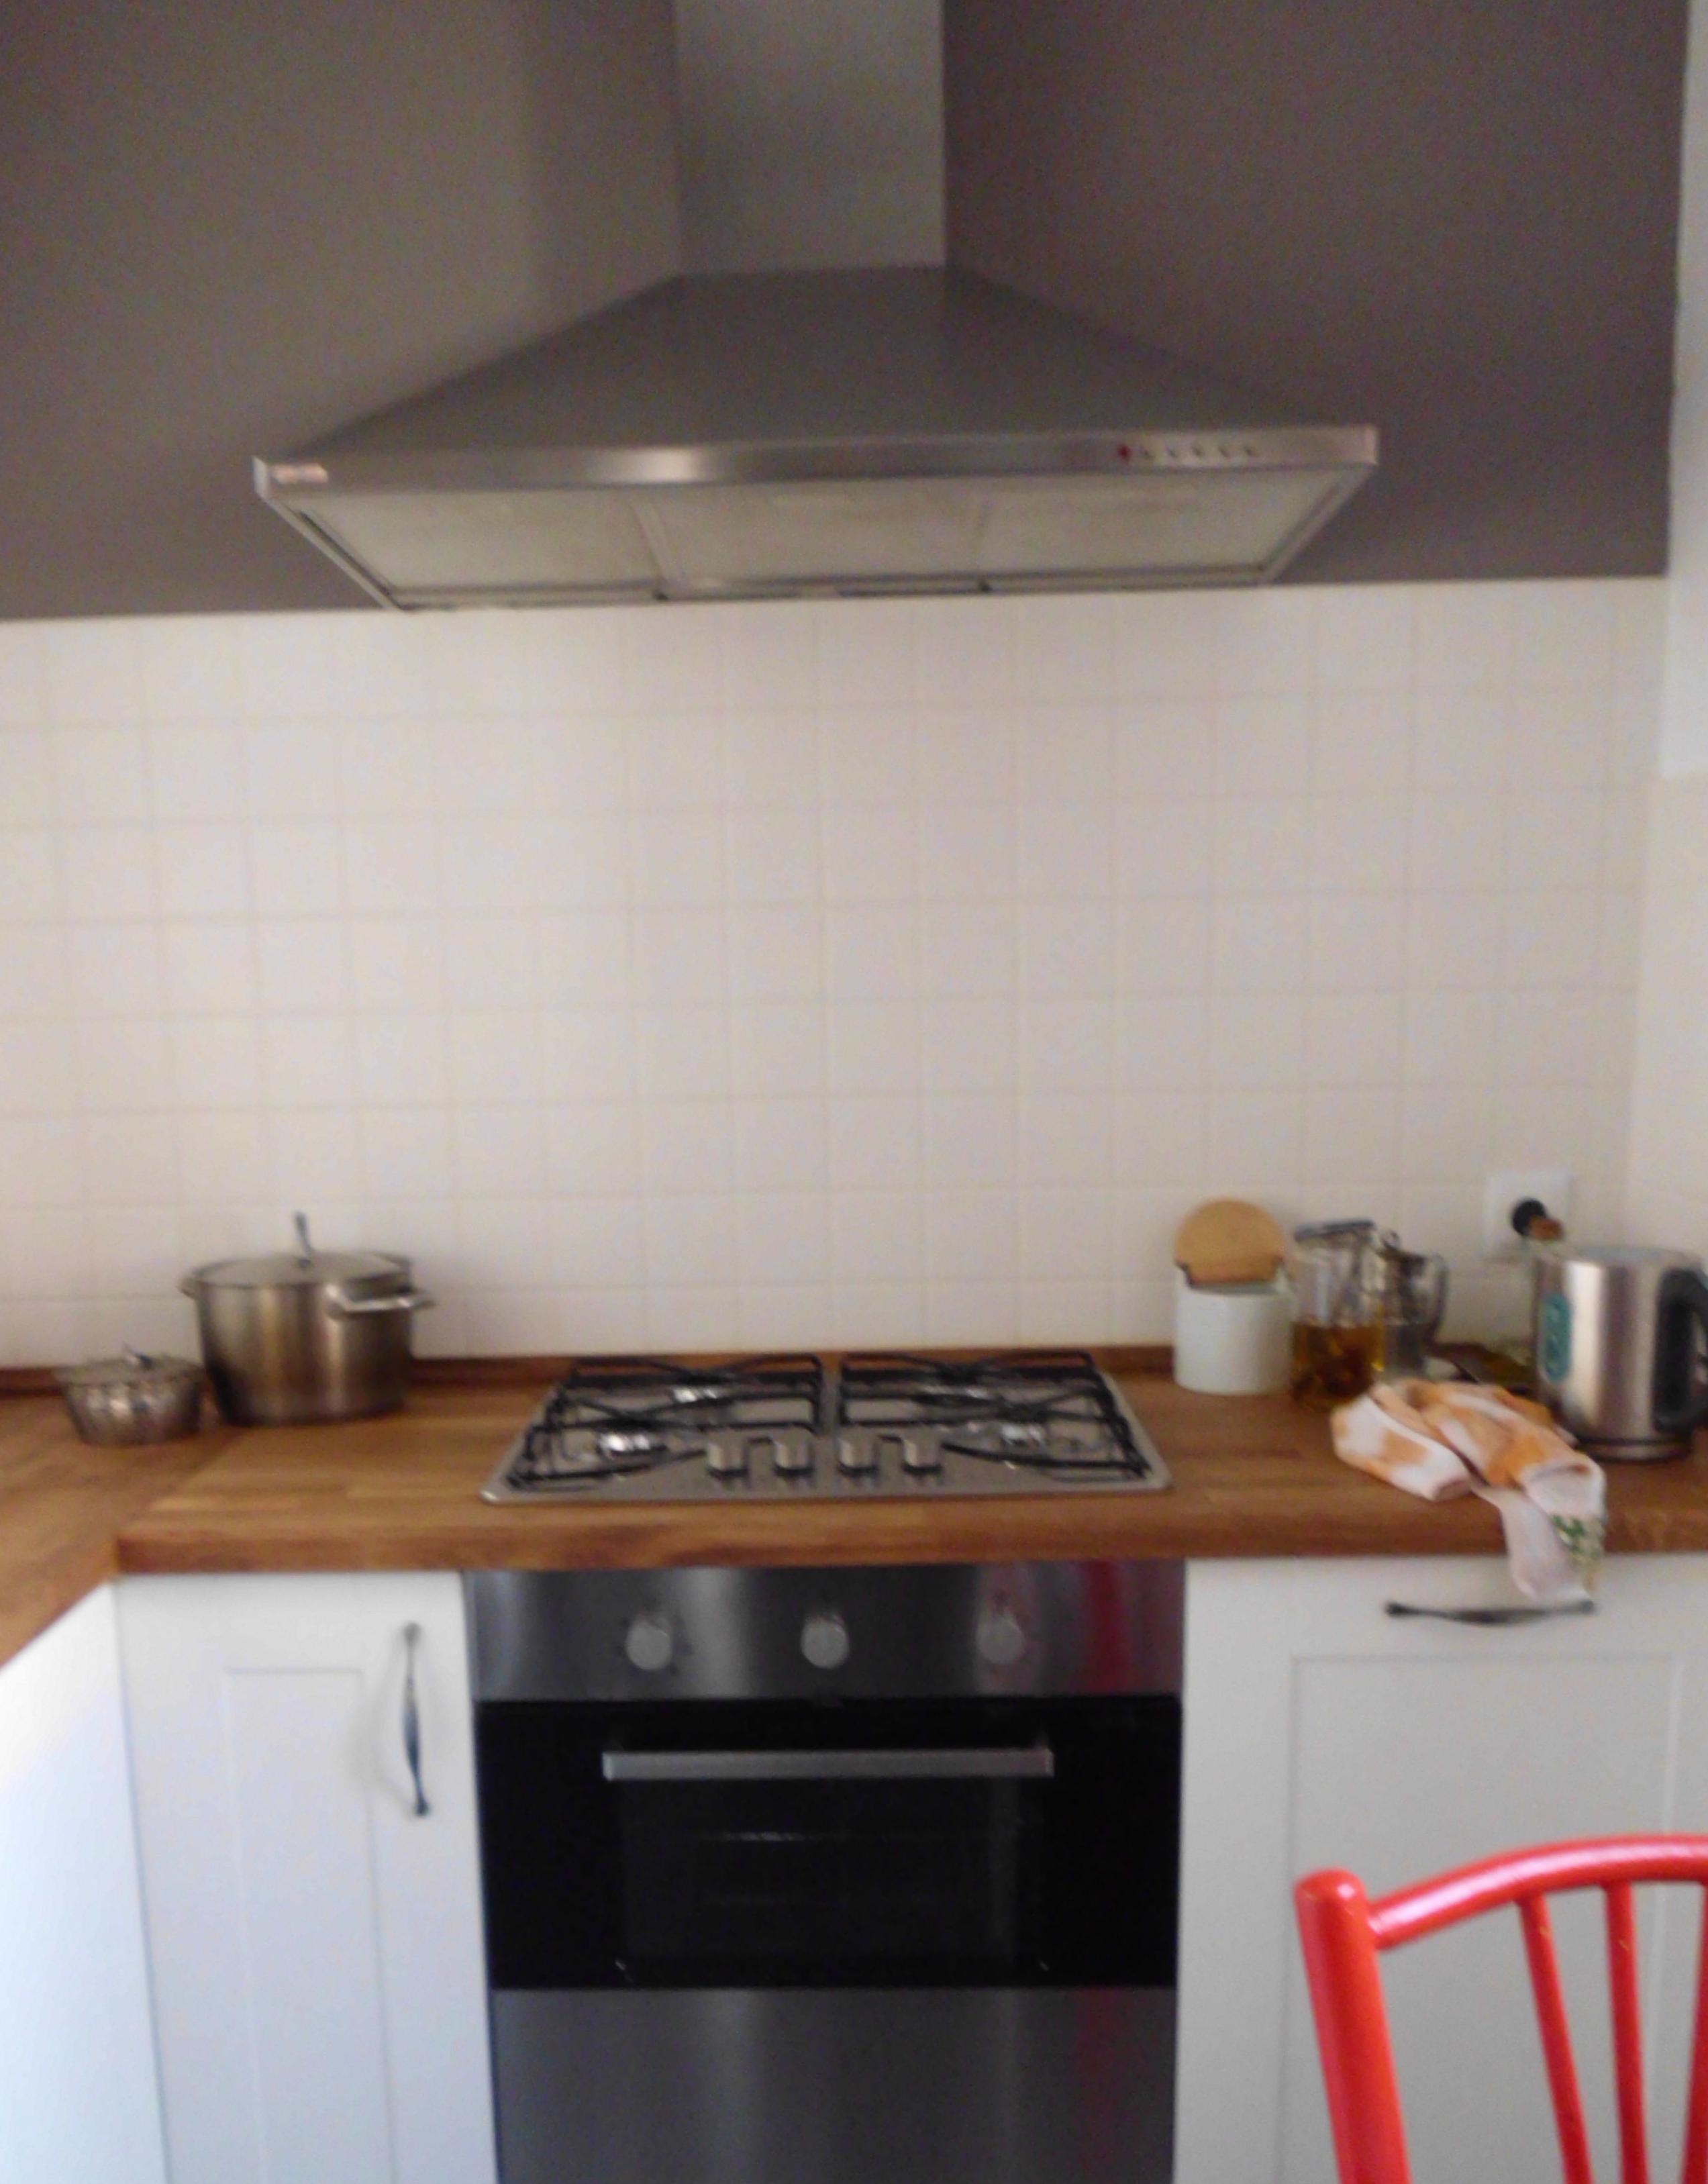 Cambiar vitrocer mica por fuegos de gas en cocina - Cocinas vitroceramicas de gas ...